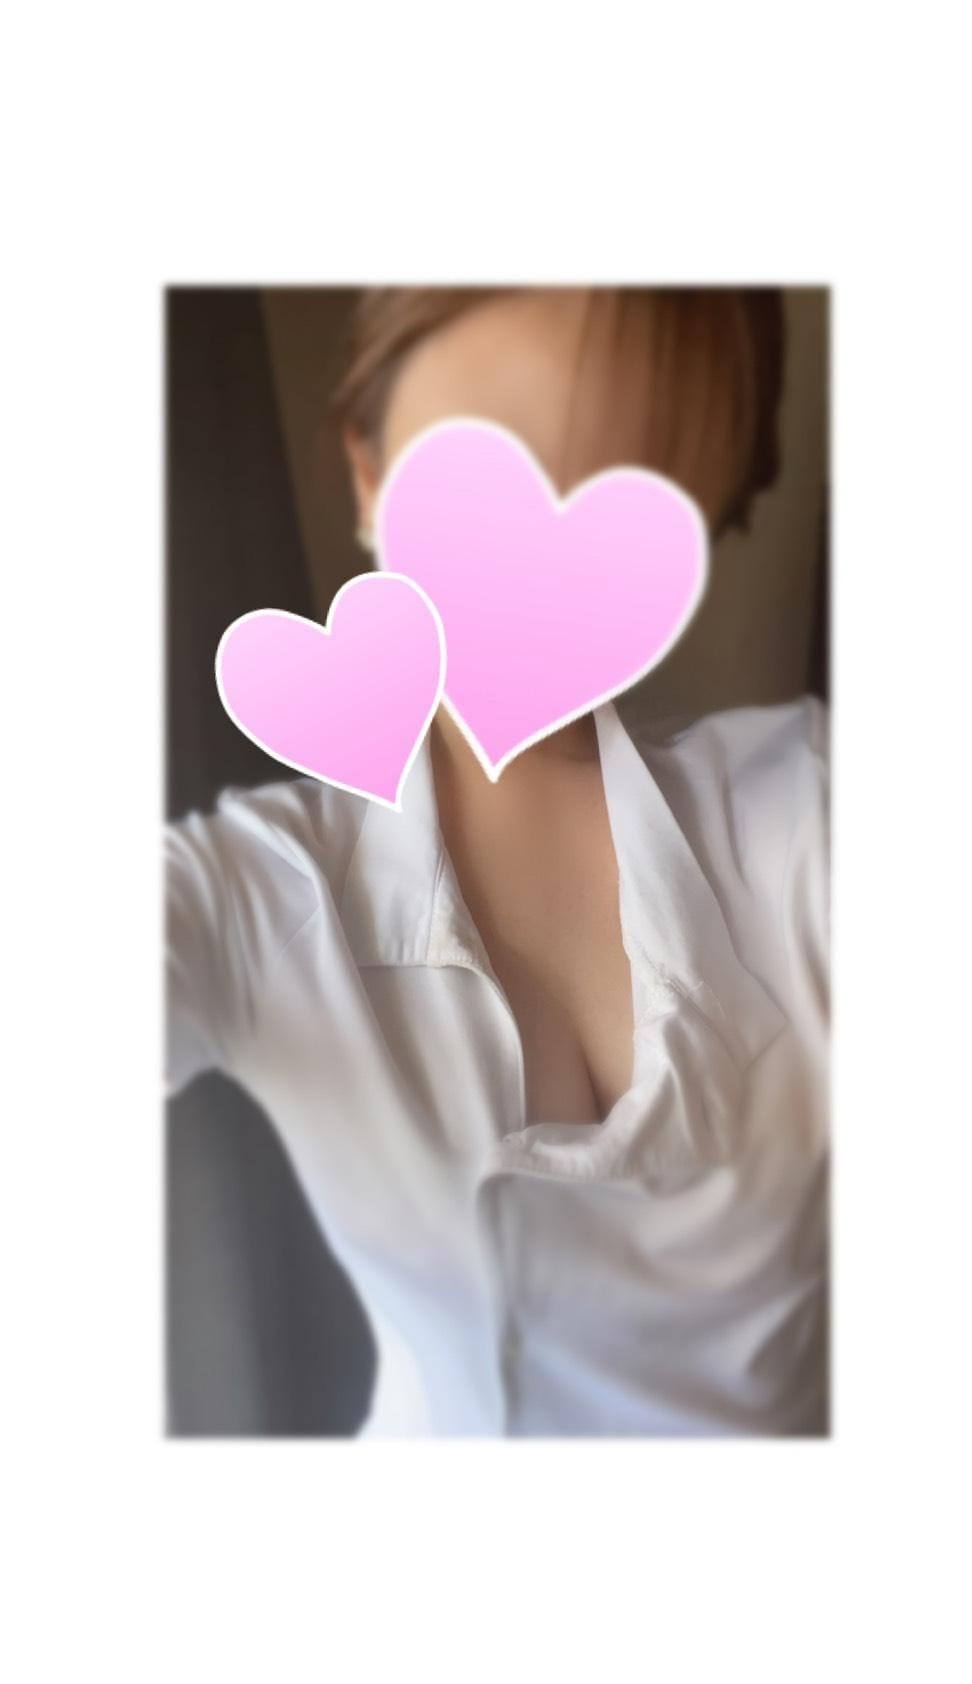 「kokoro」03/01(月) 15:12 | こころの写メ日記